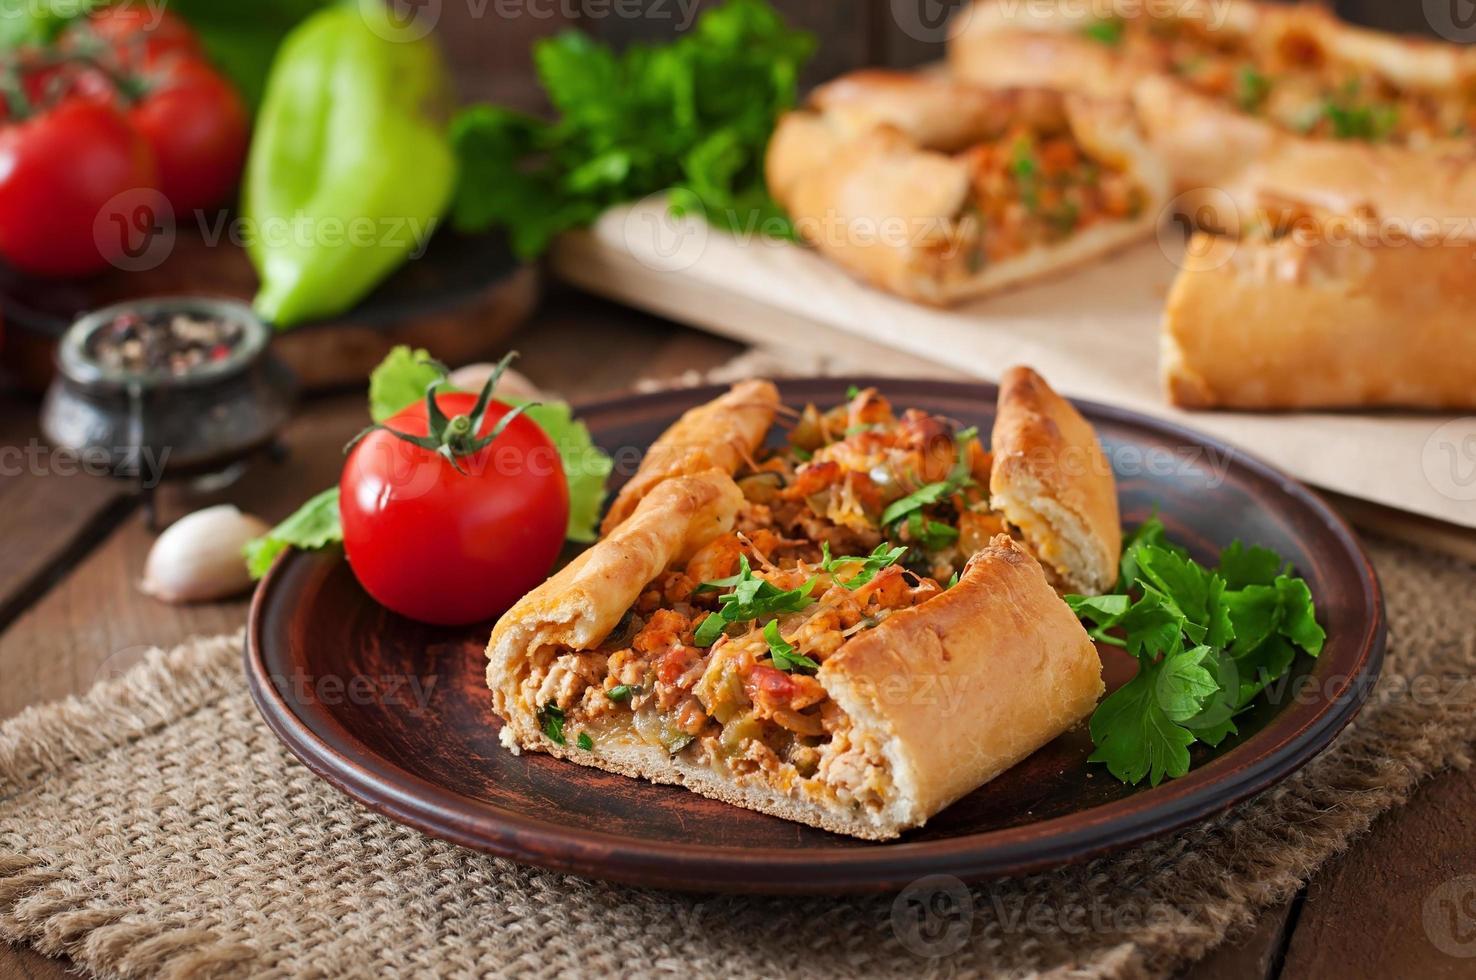 traditionell turkisk pide mat med nötkött och grönsaker foto